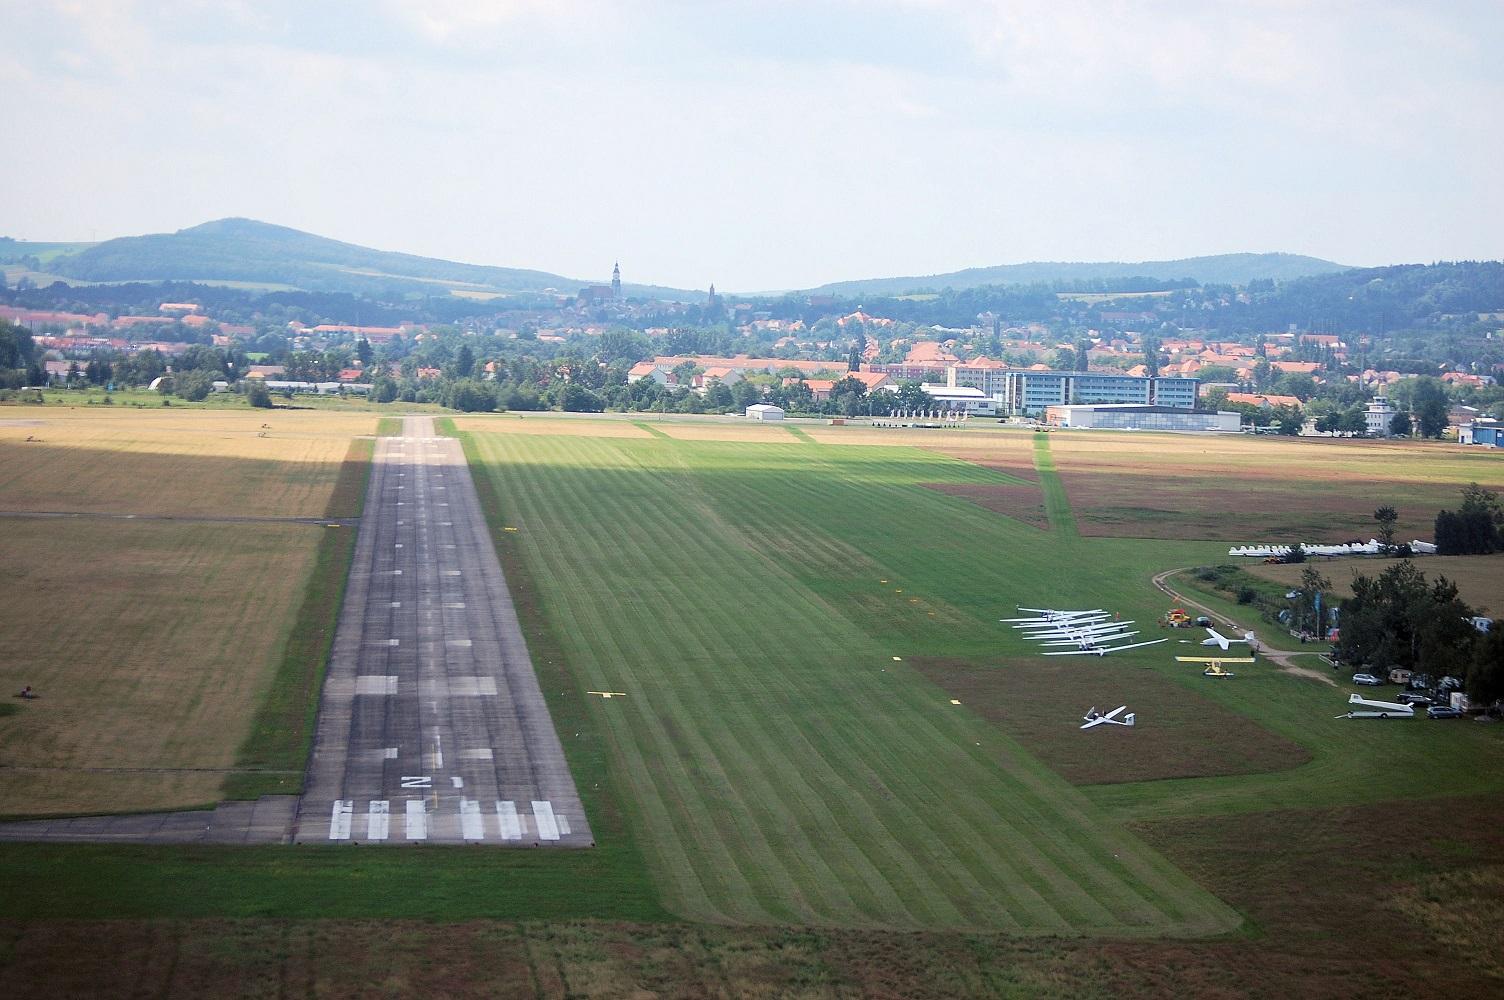 Flugplatz Kamenz - Fliegerclub Kamenz e.V.